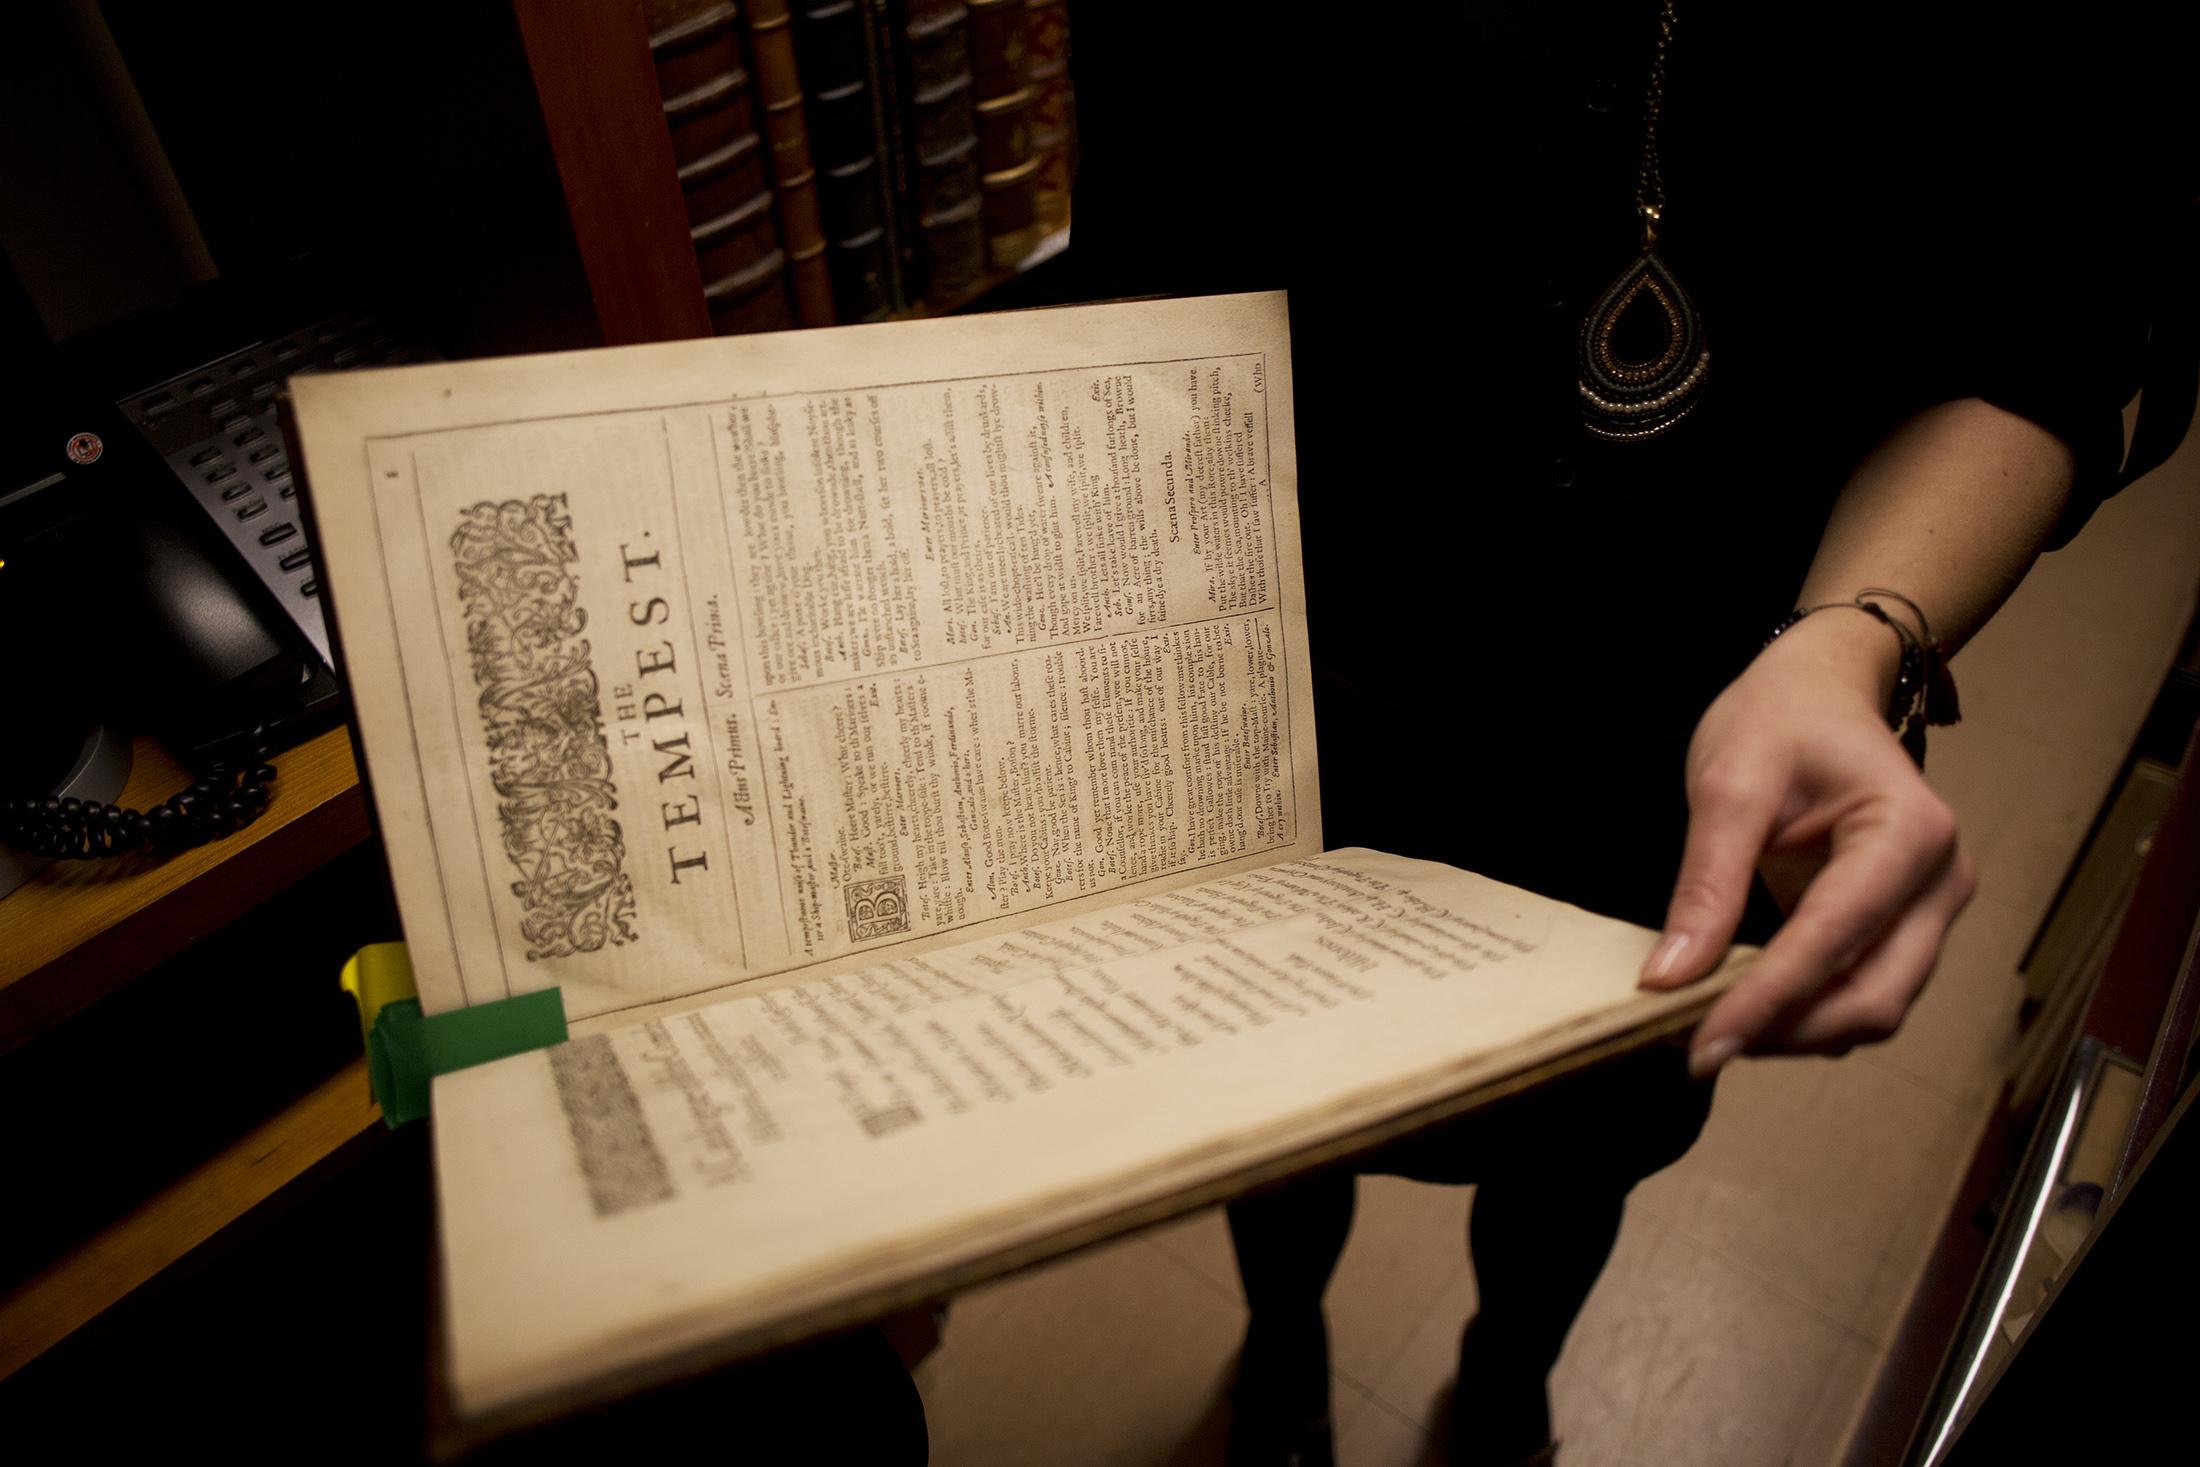 A Shakespeare Folio